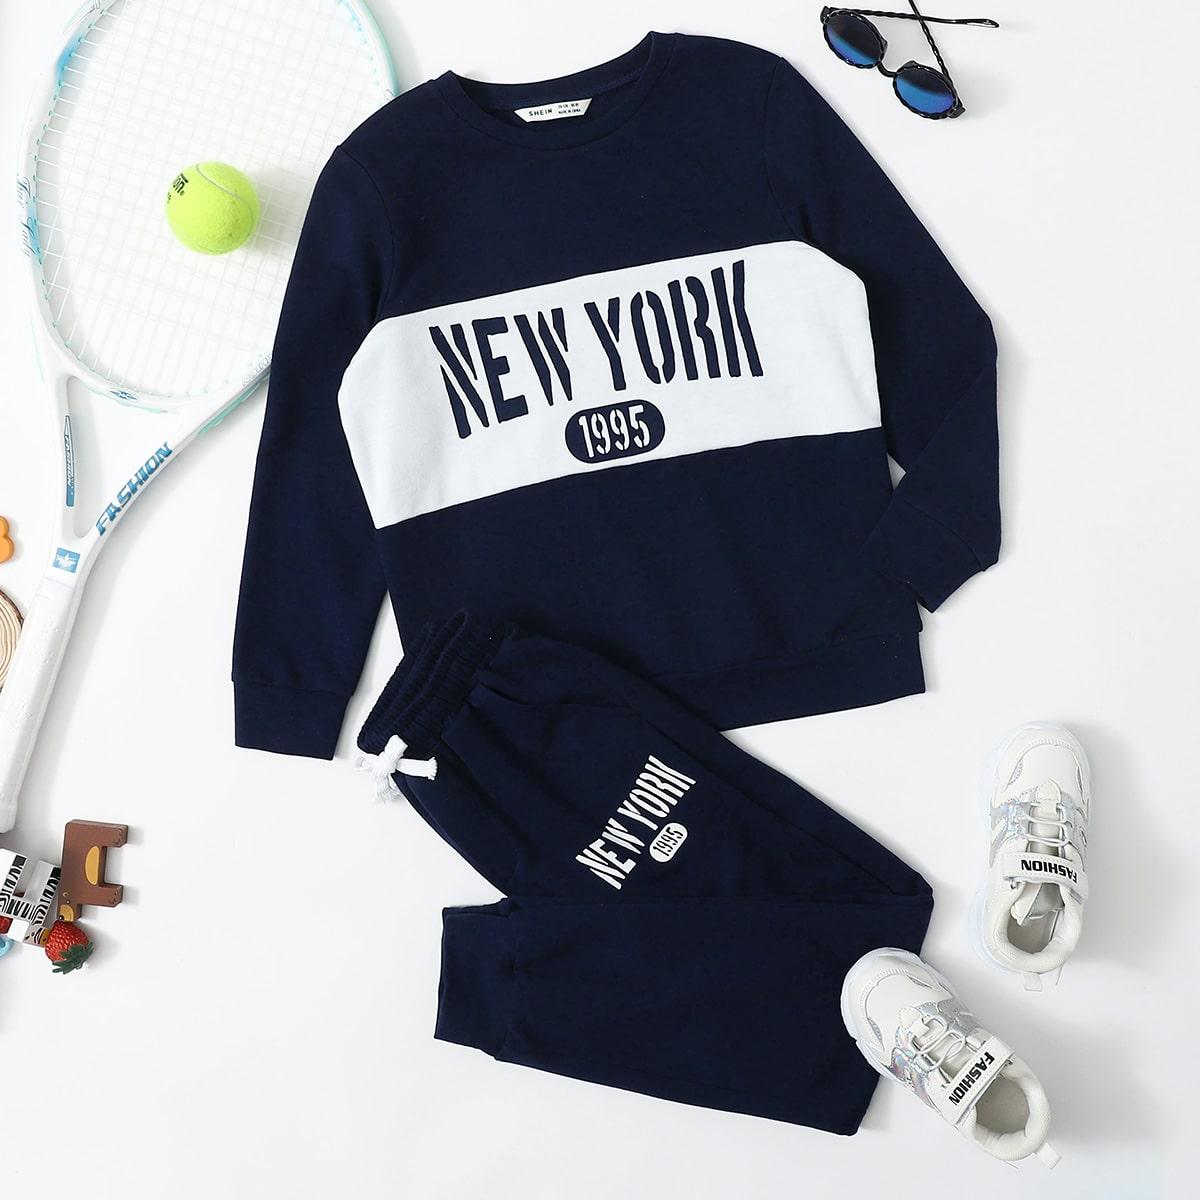 Спортивные брюки и пуловер с текстовым принтом для мальчиков от SHEIN